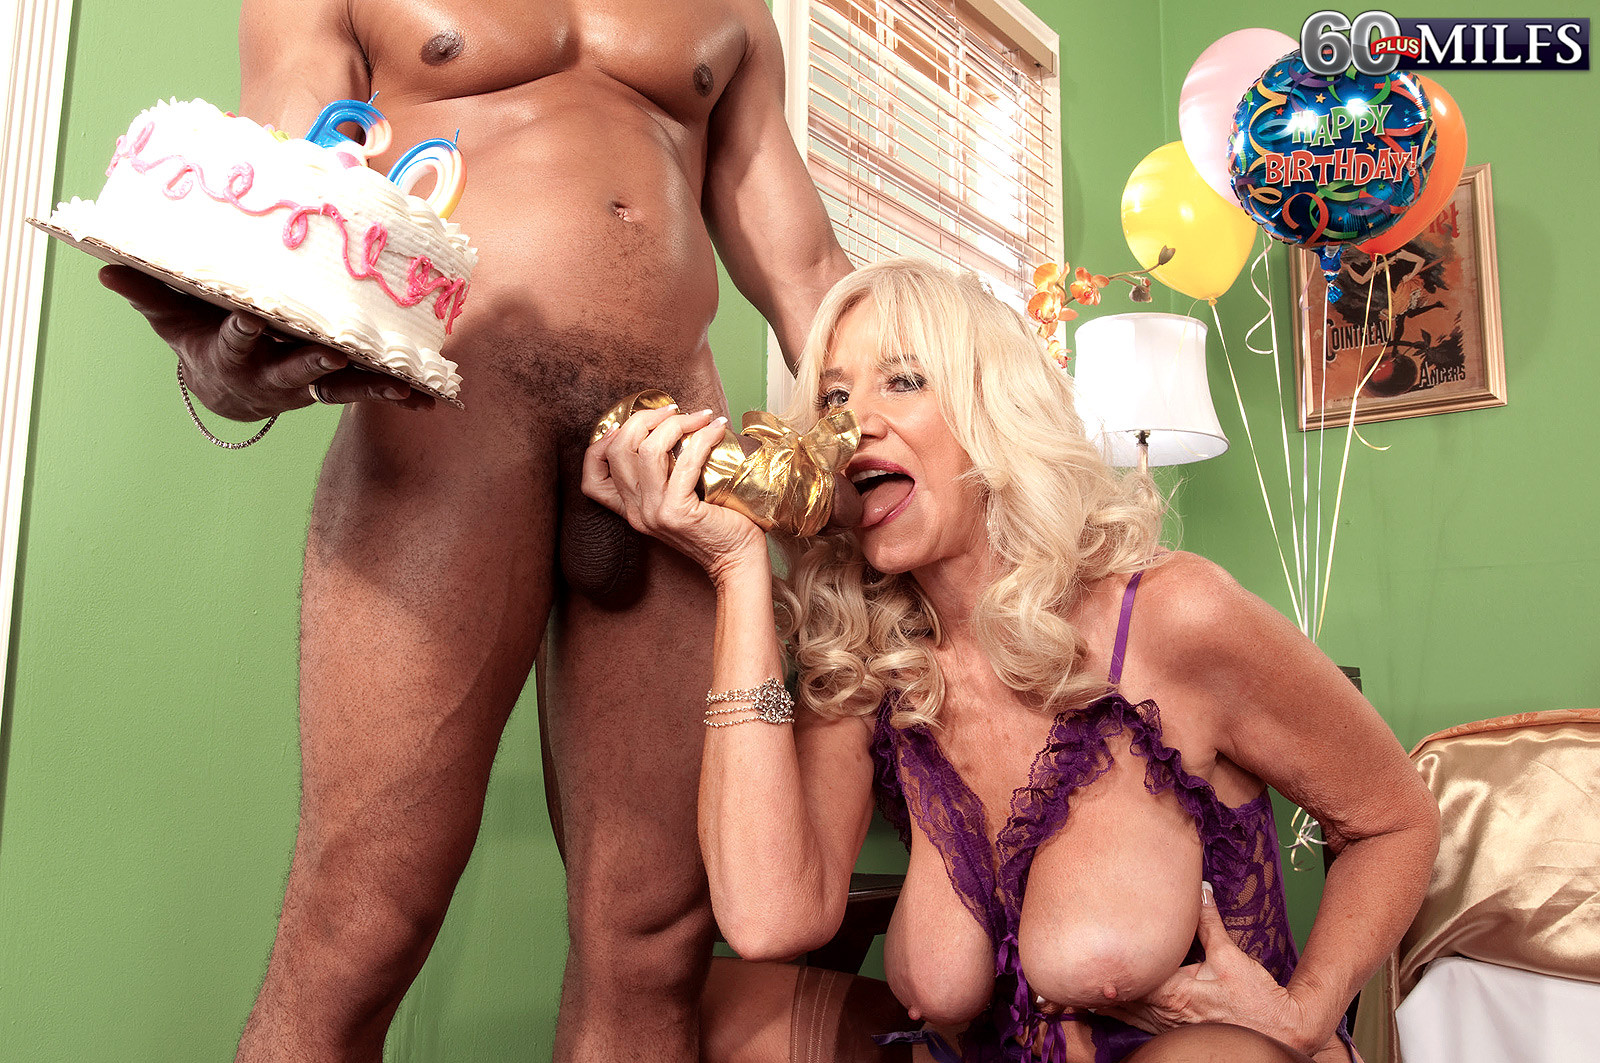 Фото порно календарей, Секс календарь позы камасутры на каждый день года 13 фотография